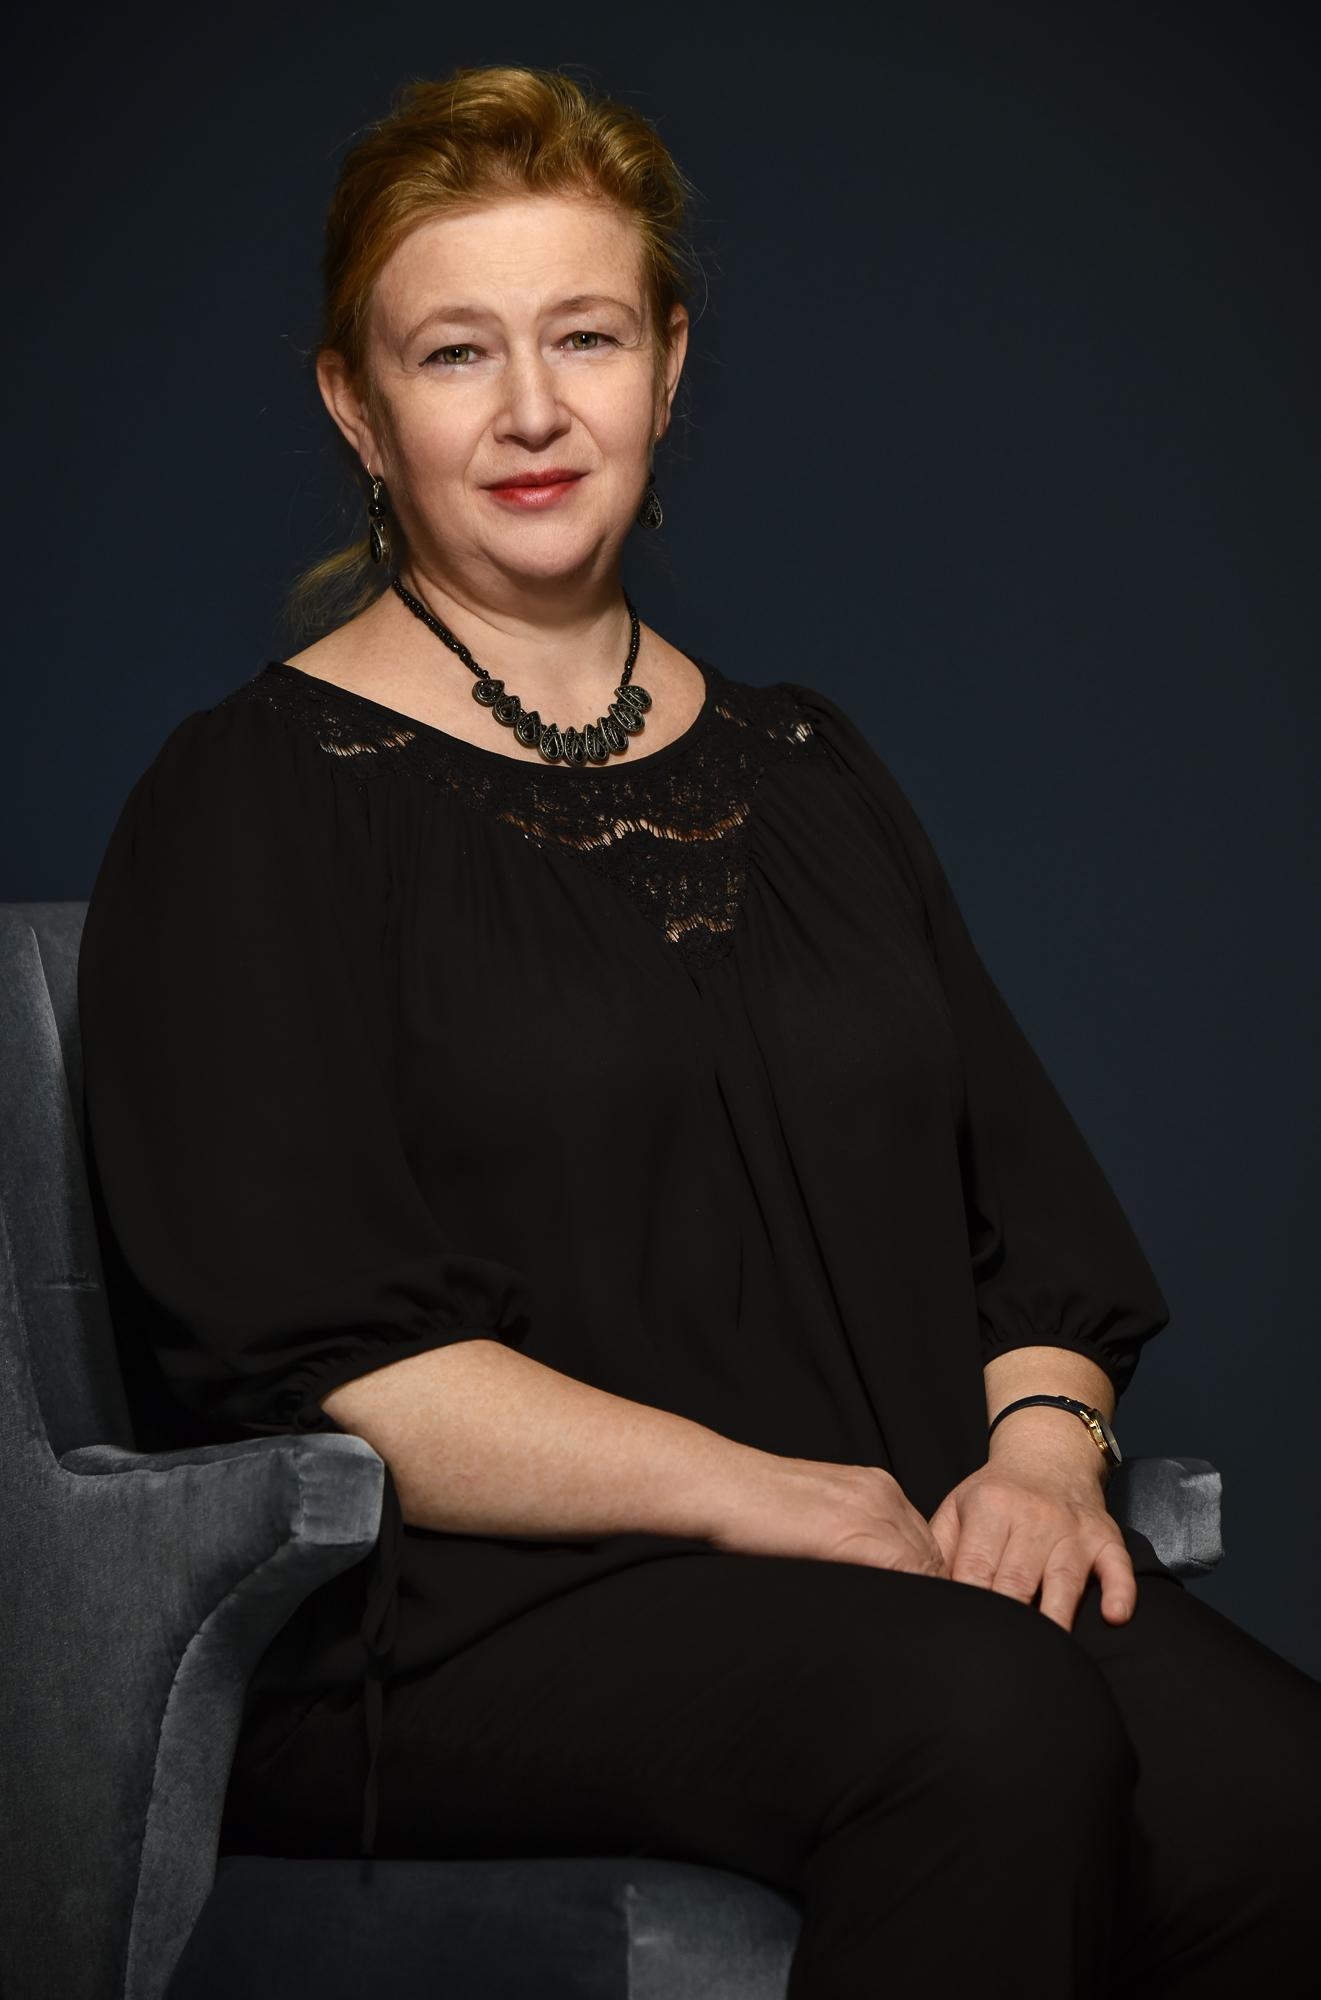 Stanislava Votápková